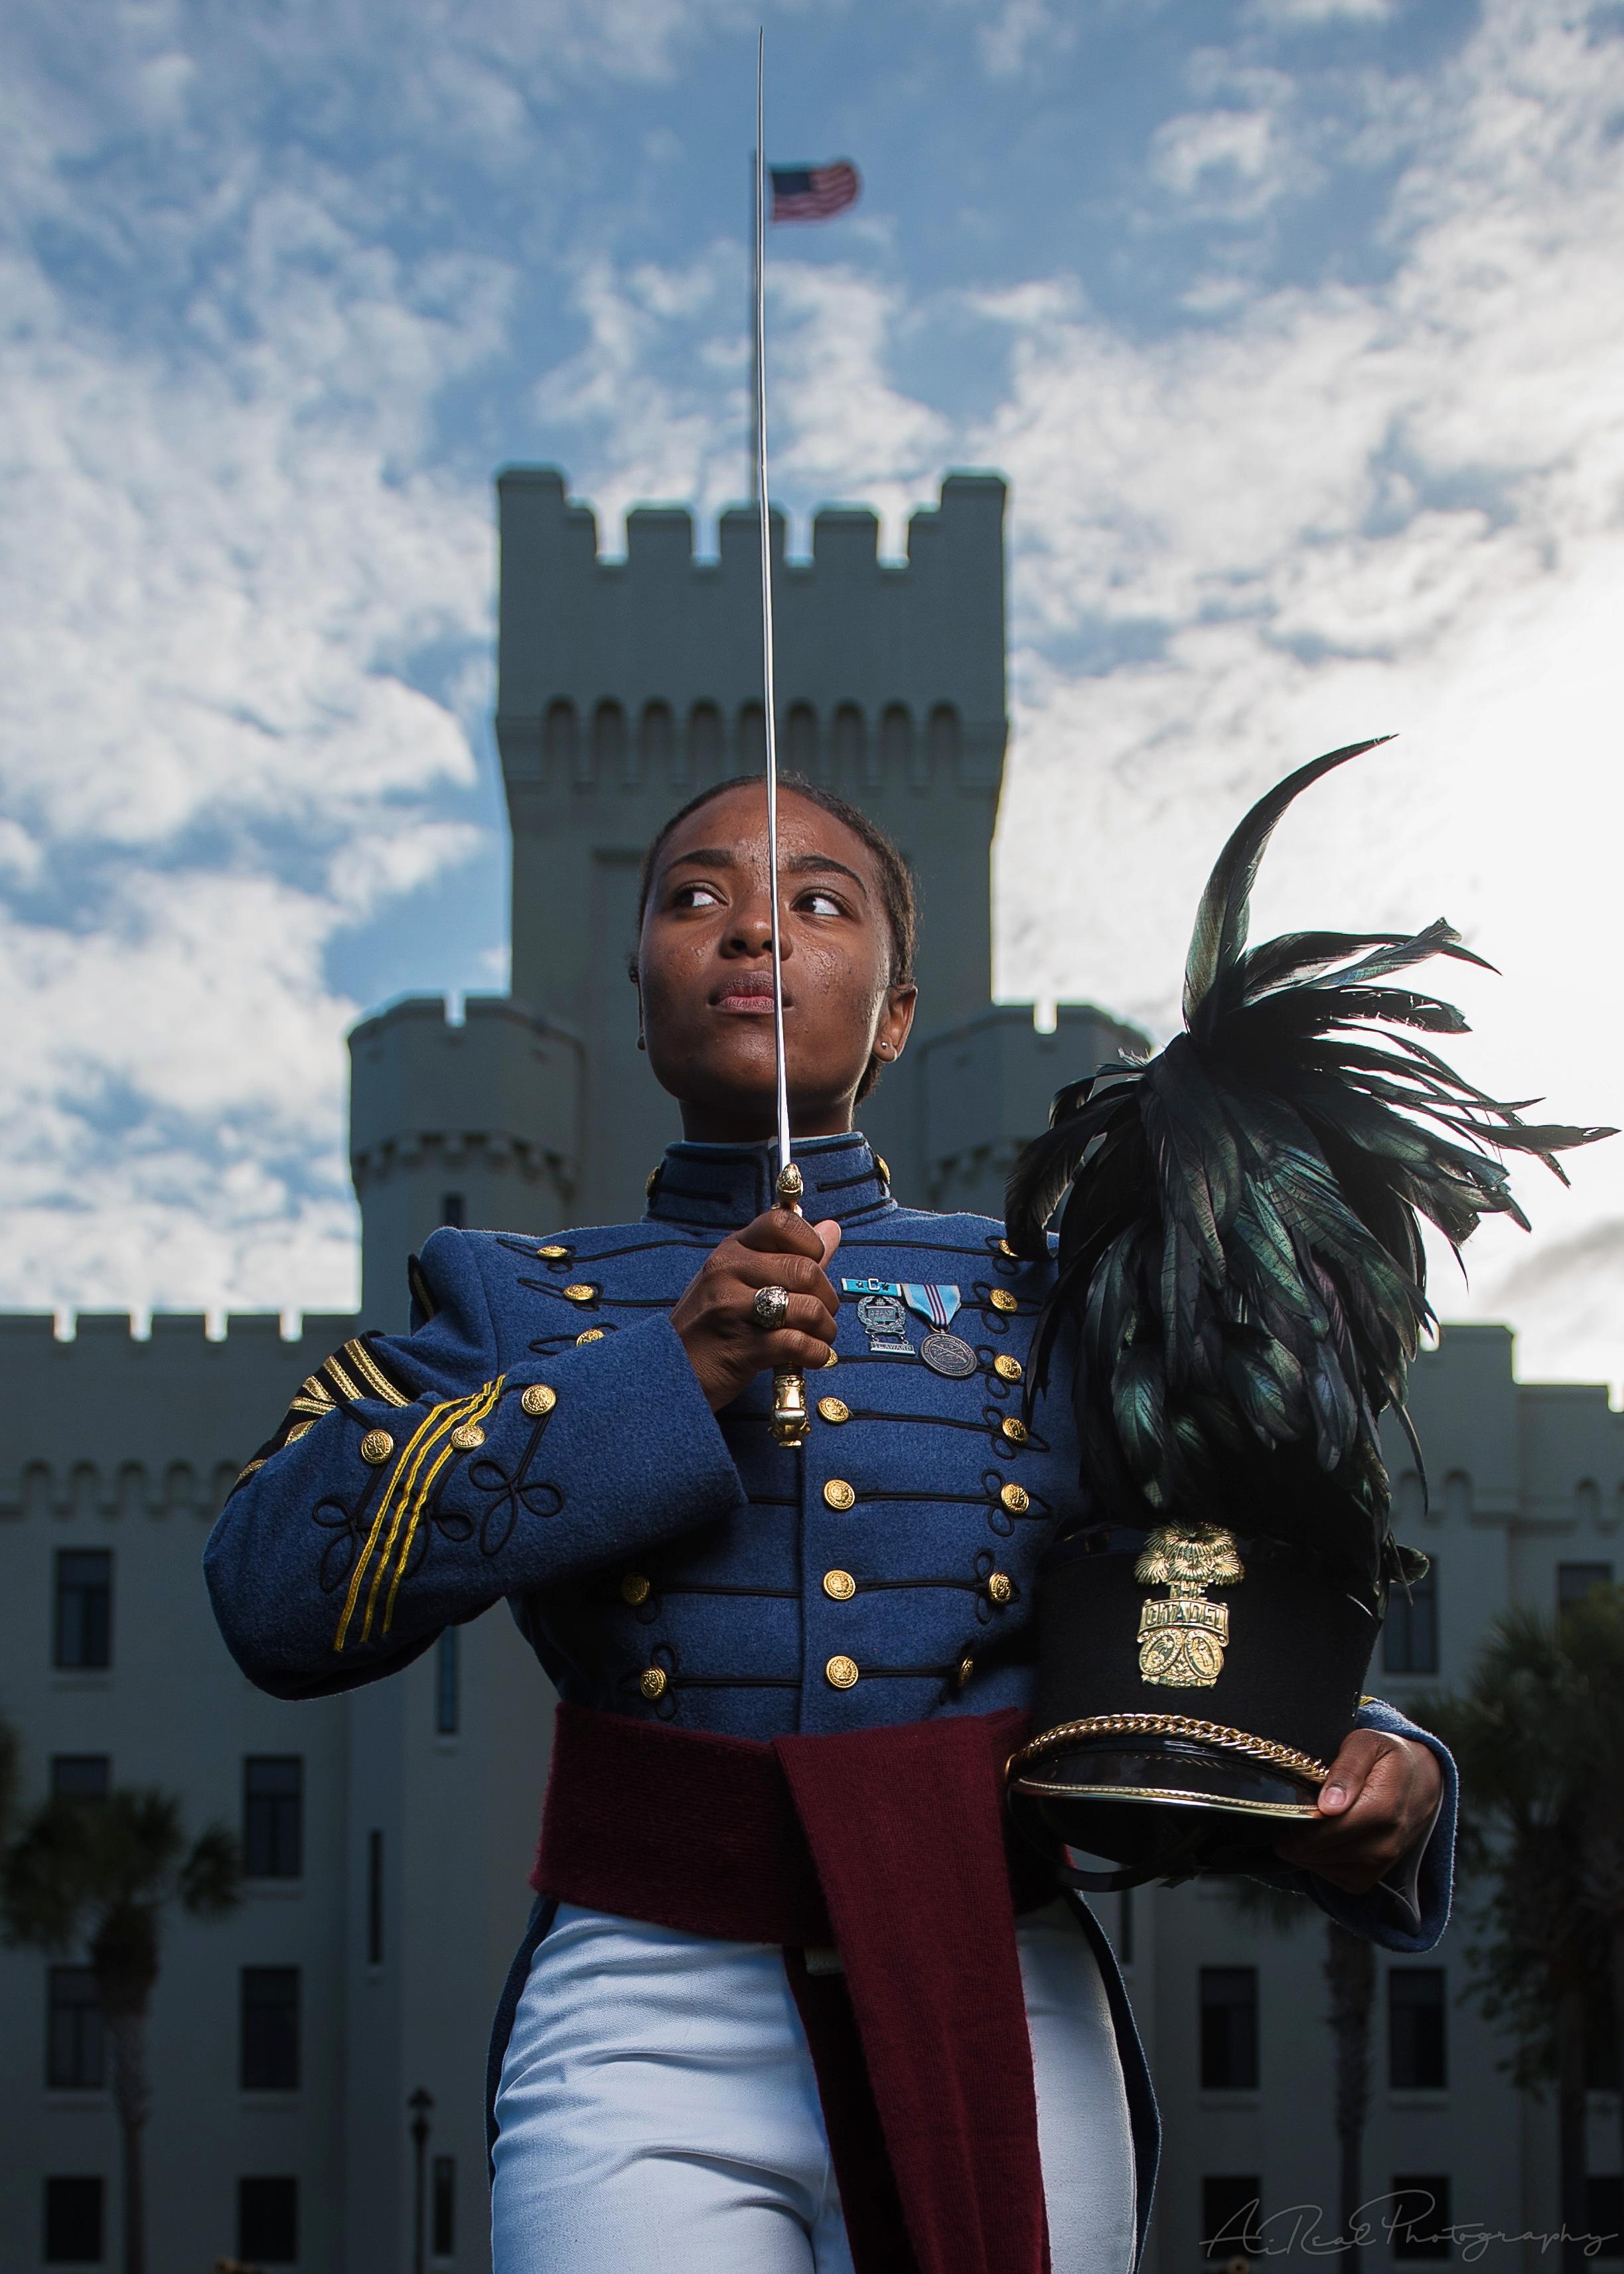 Cadet Kameron Cass, Citadel 2019, The Citadel